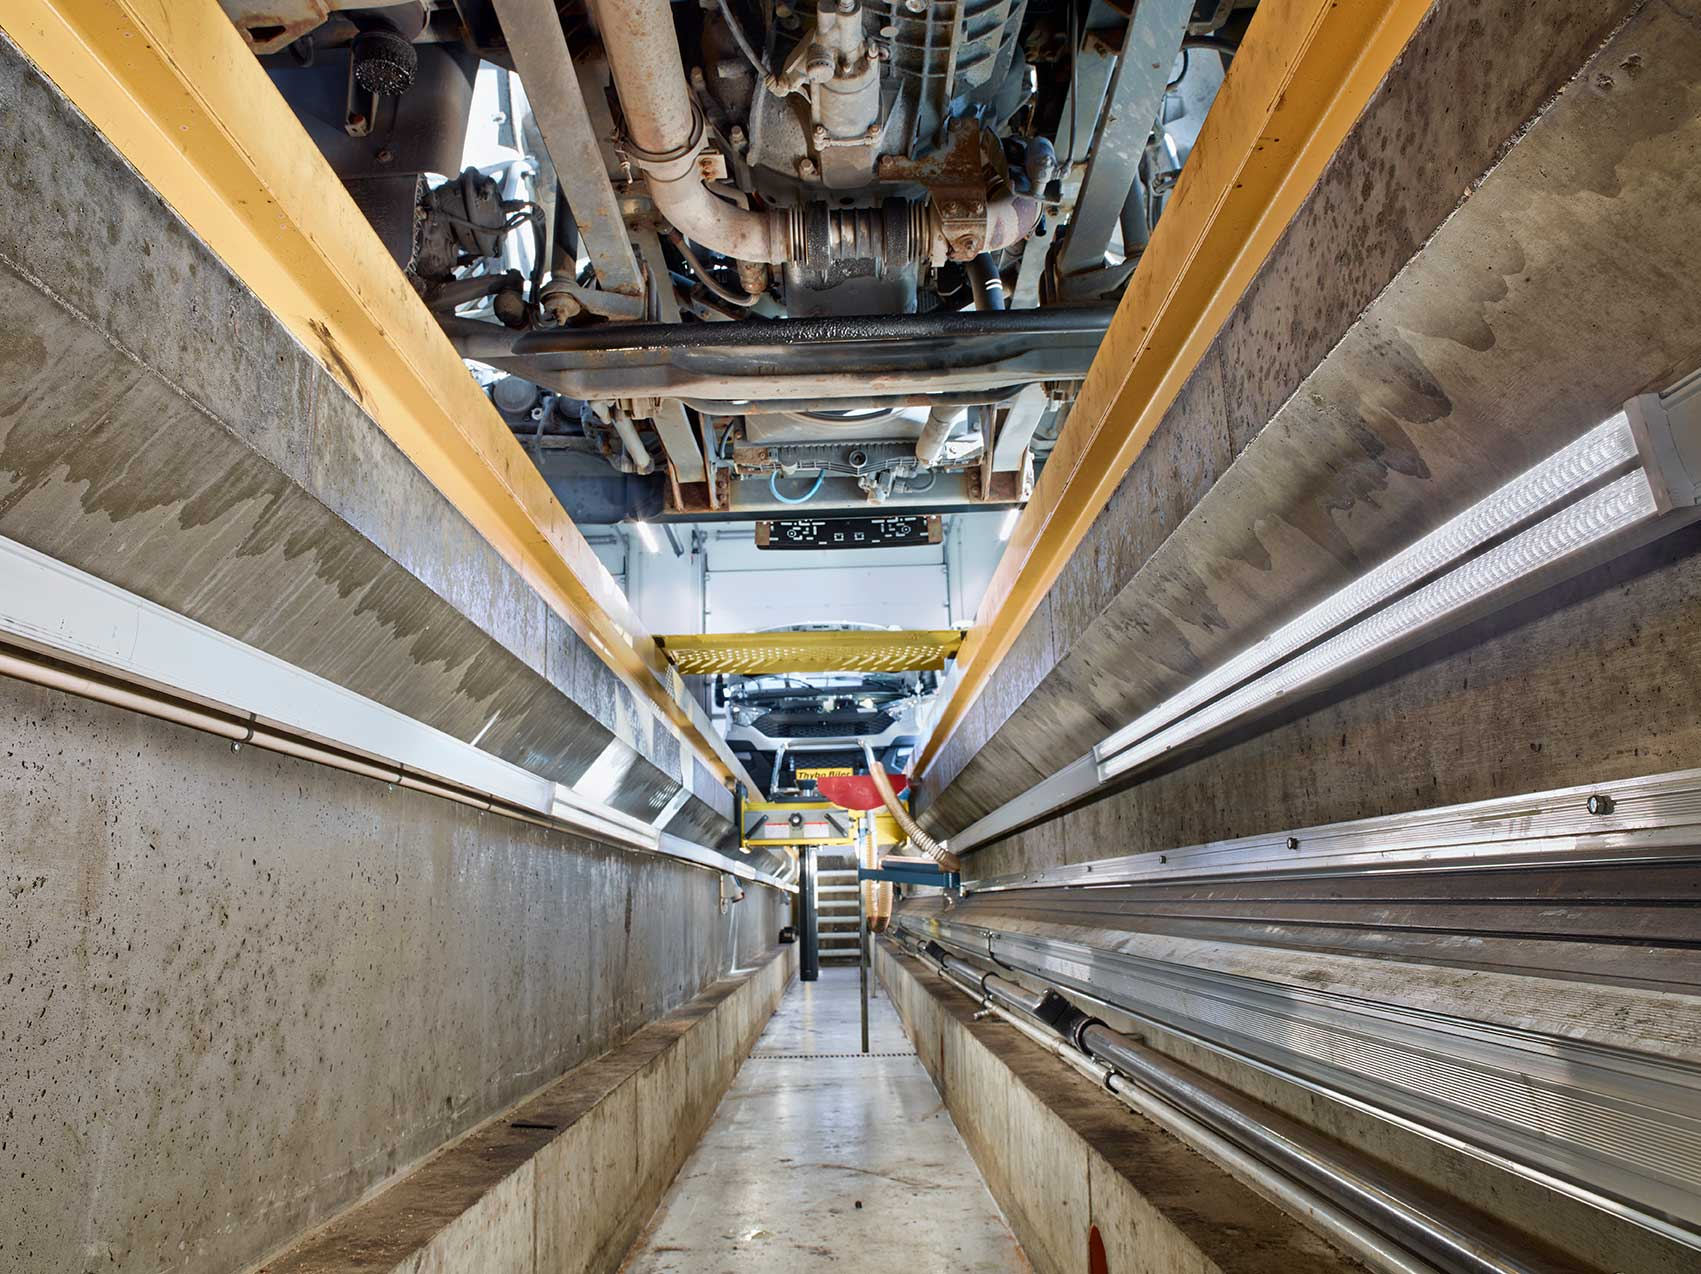 Linia indsats monteret i graven på værksted RIDI produkt - Luminex